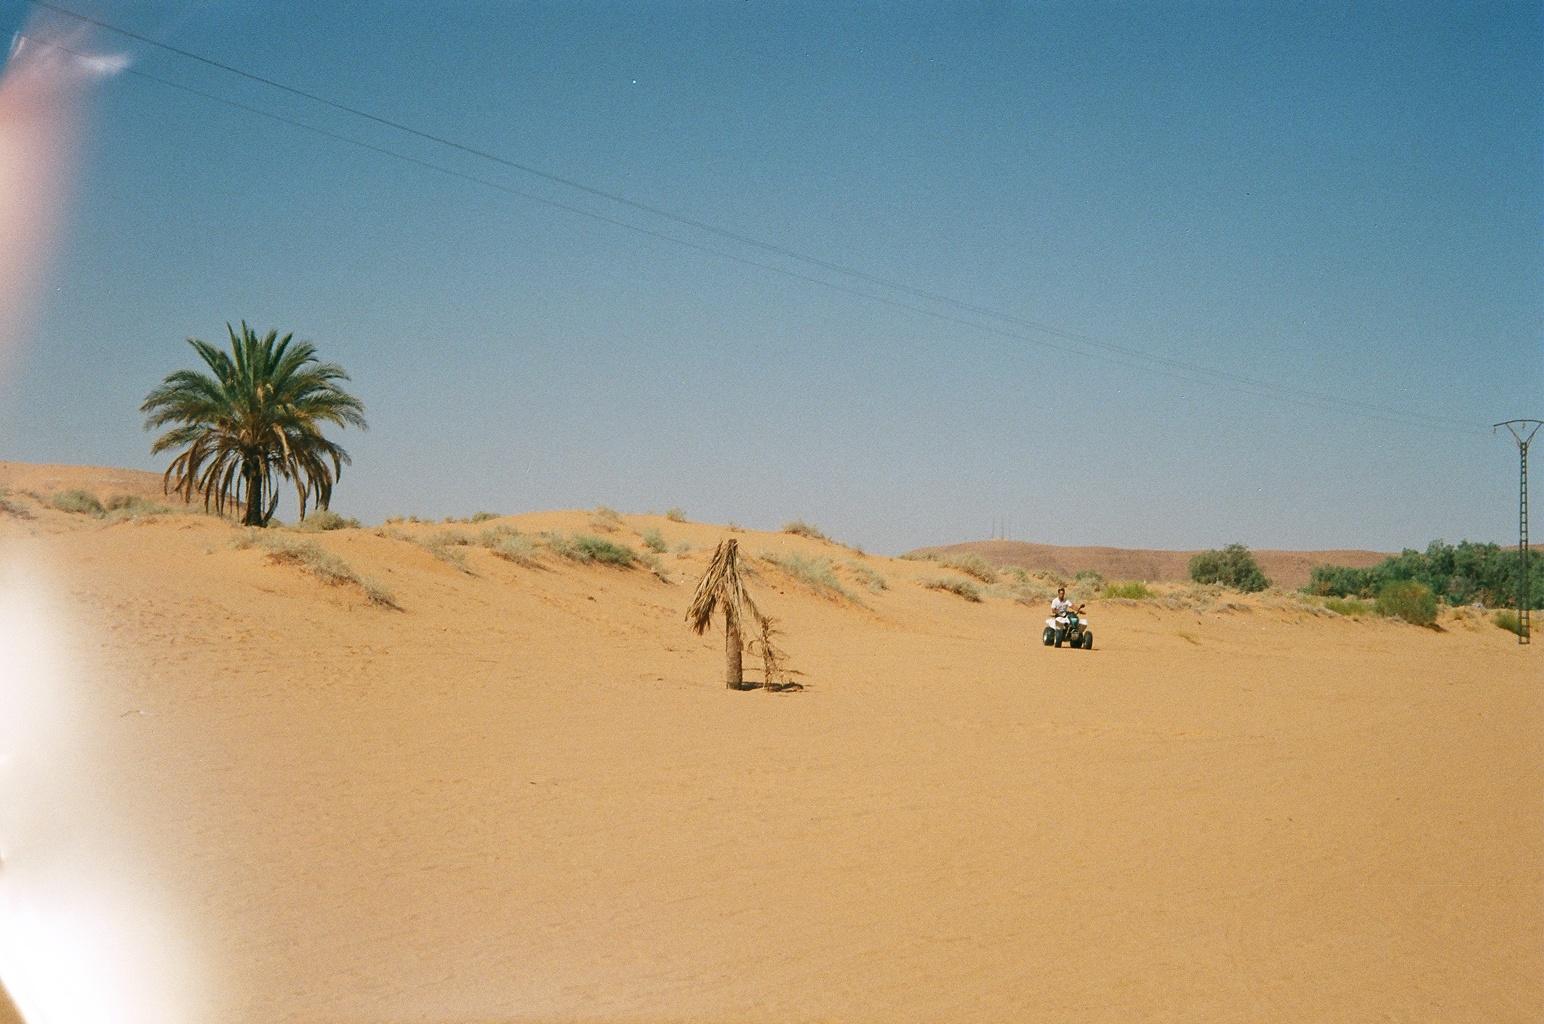 Sahara_quady